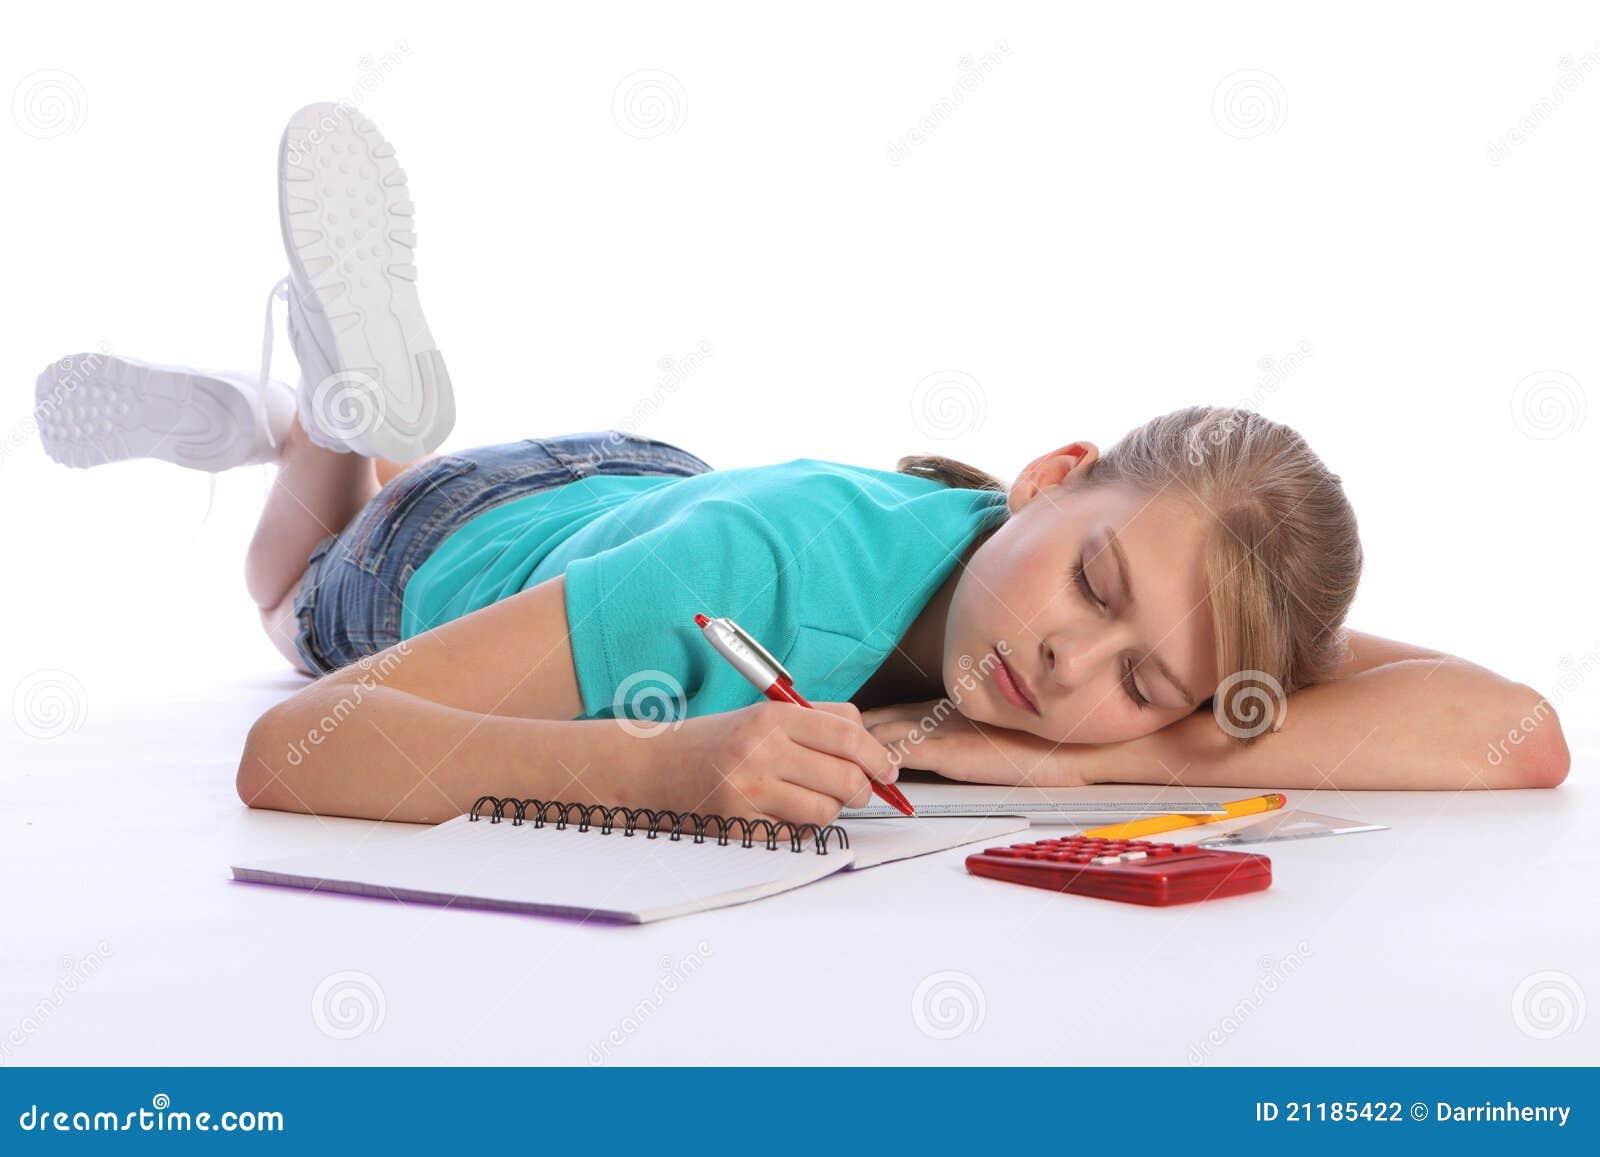 Tired school girl falls asleep doing math homework